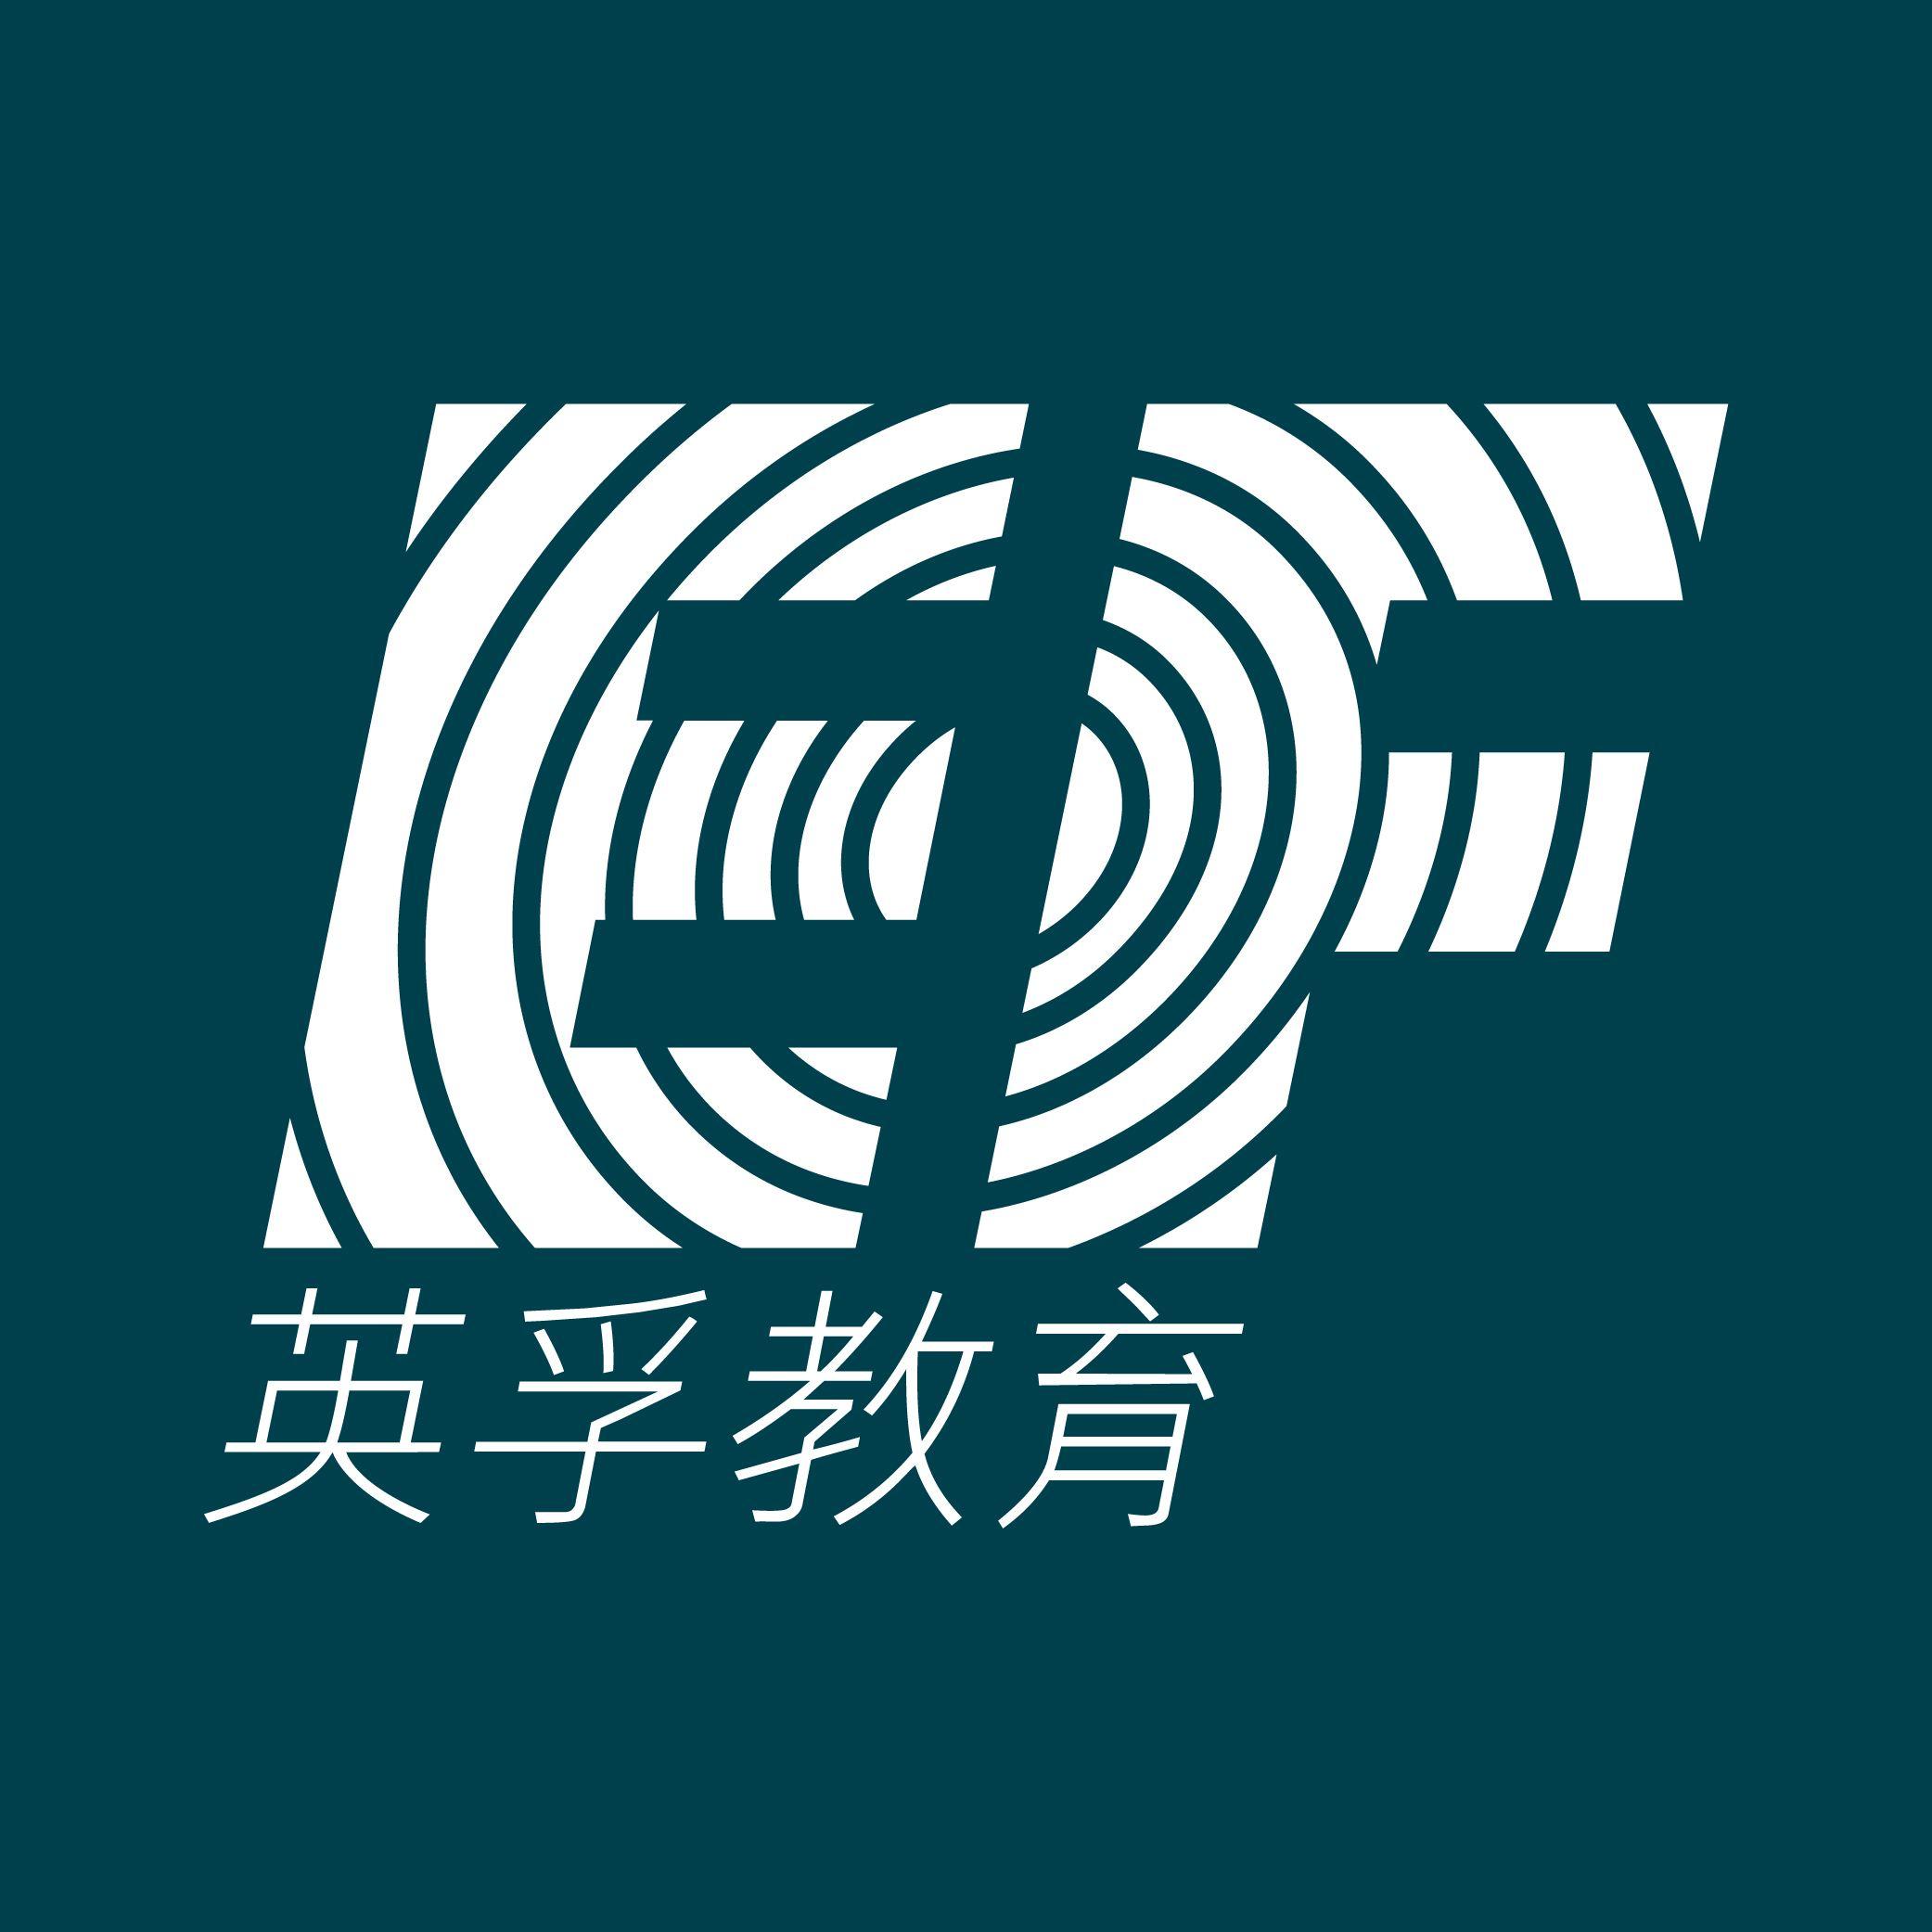 上海英孚英语培训学校